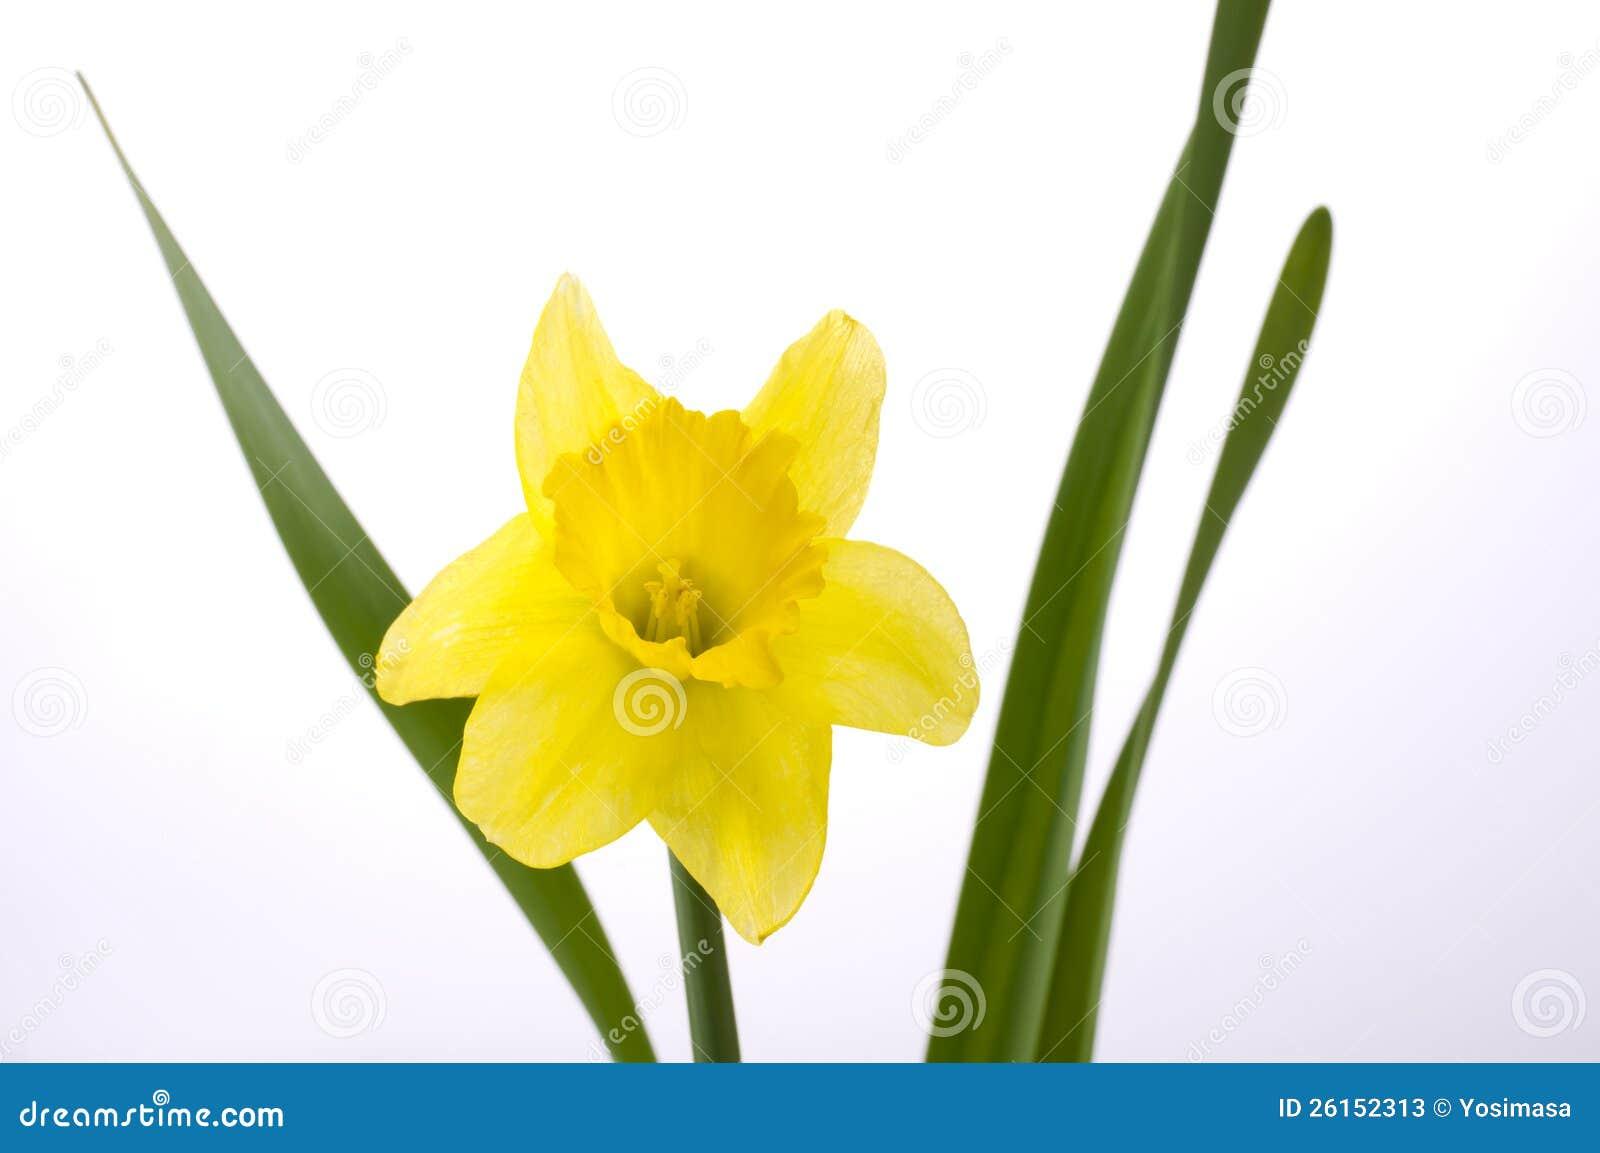 Jonquil Flower Stock s Image